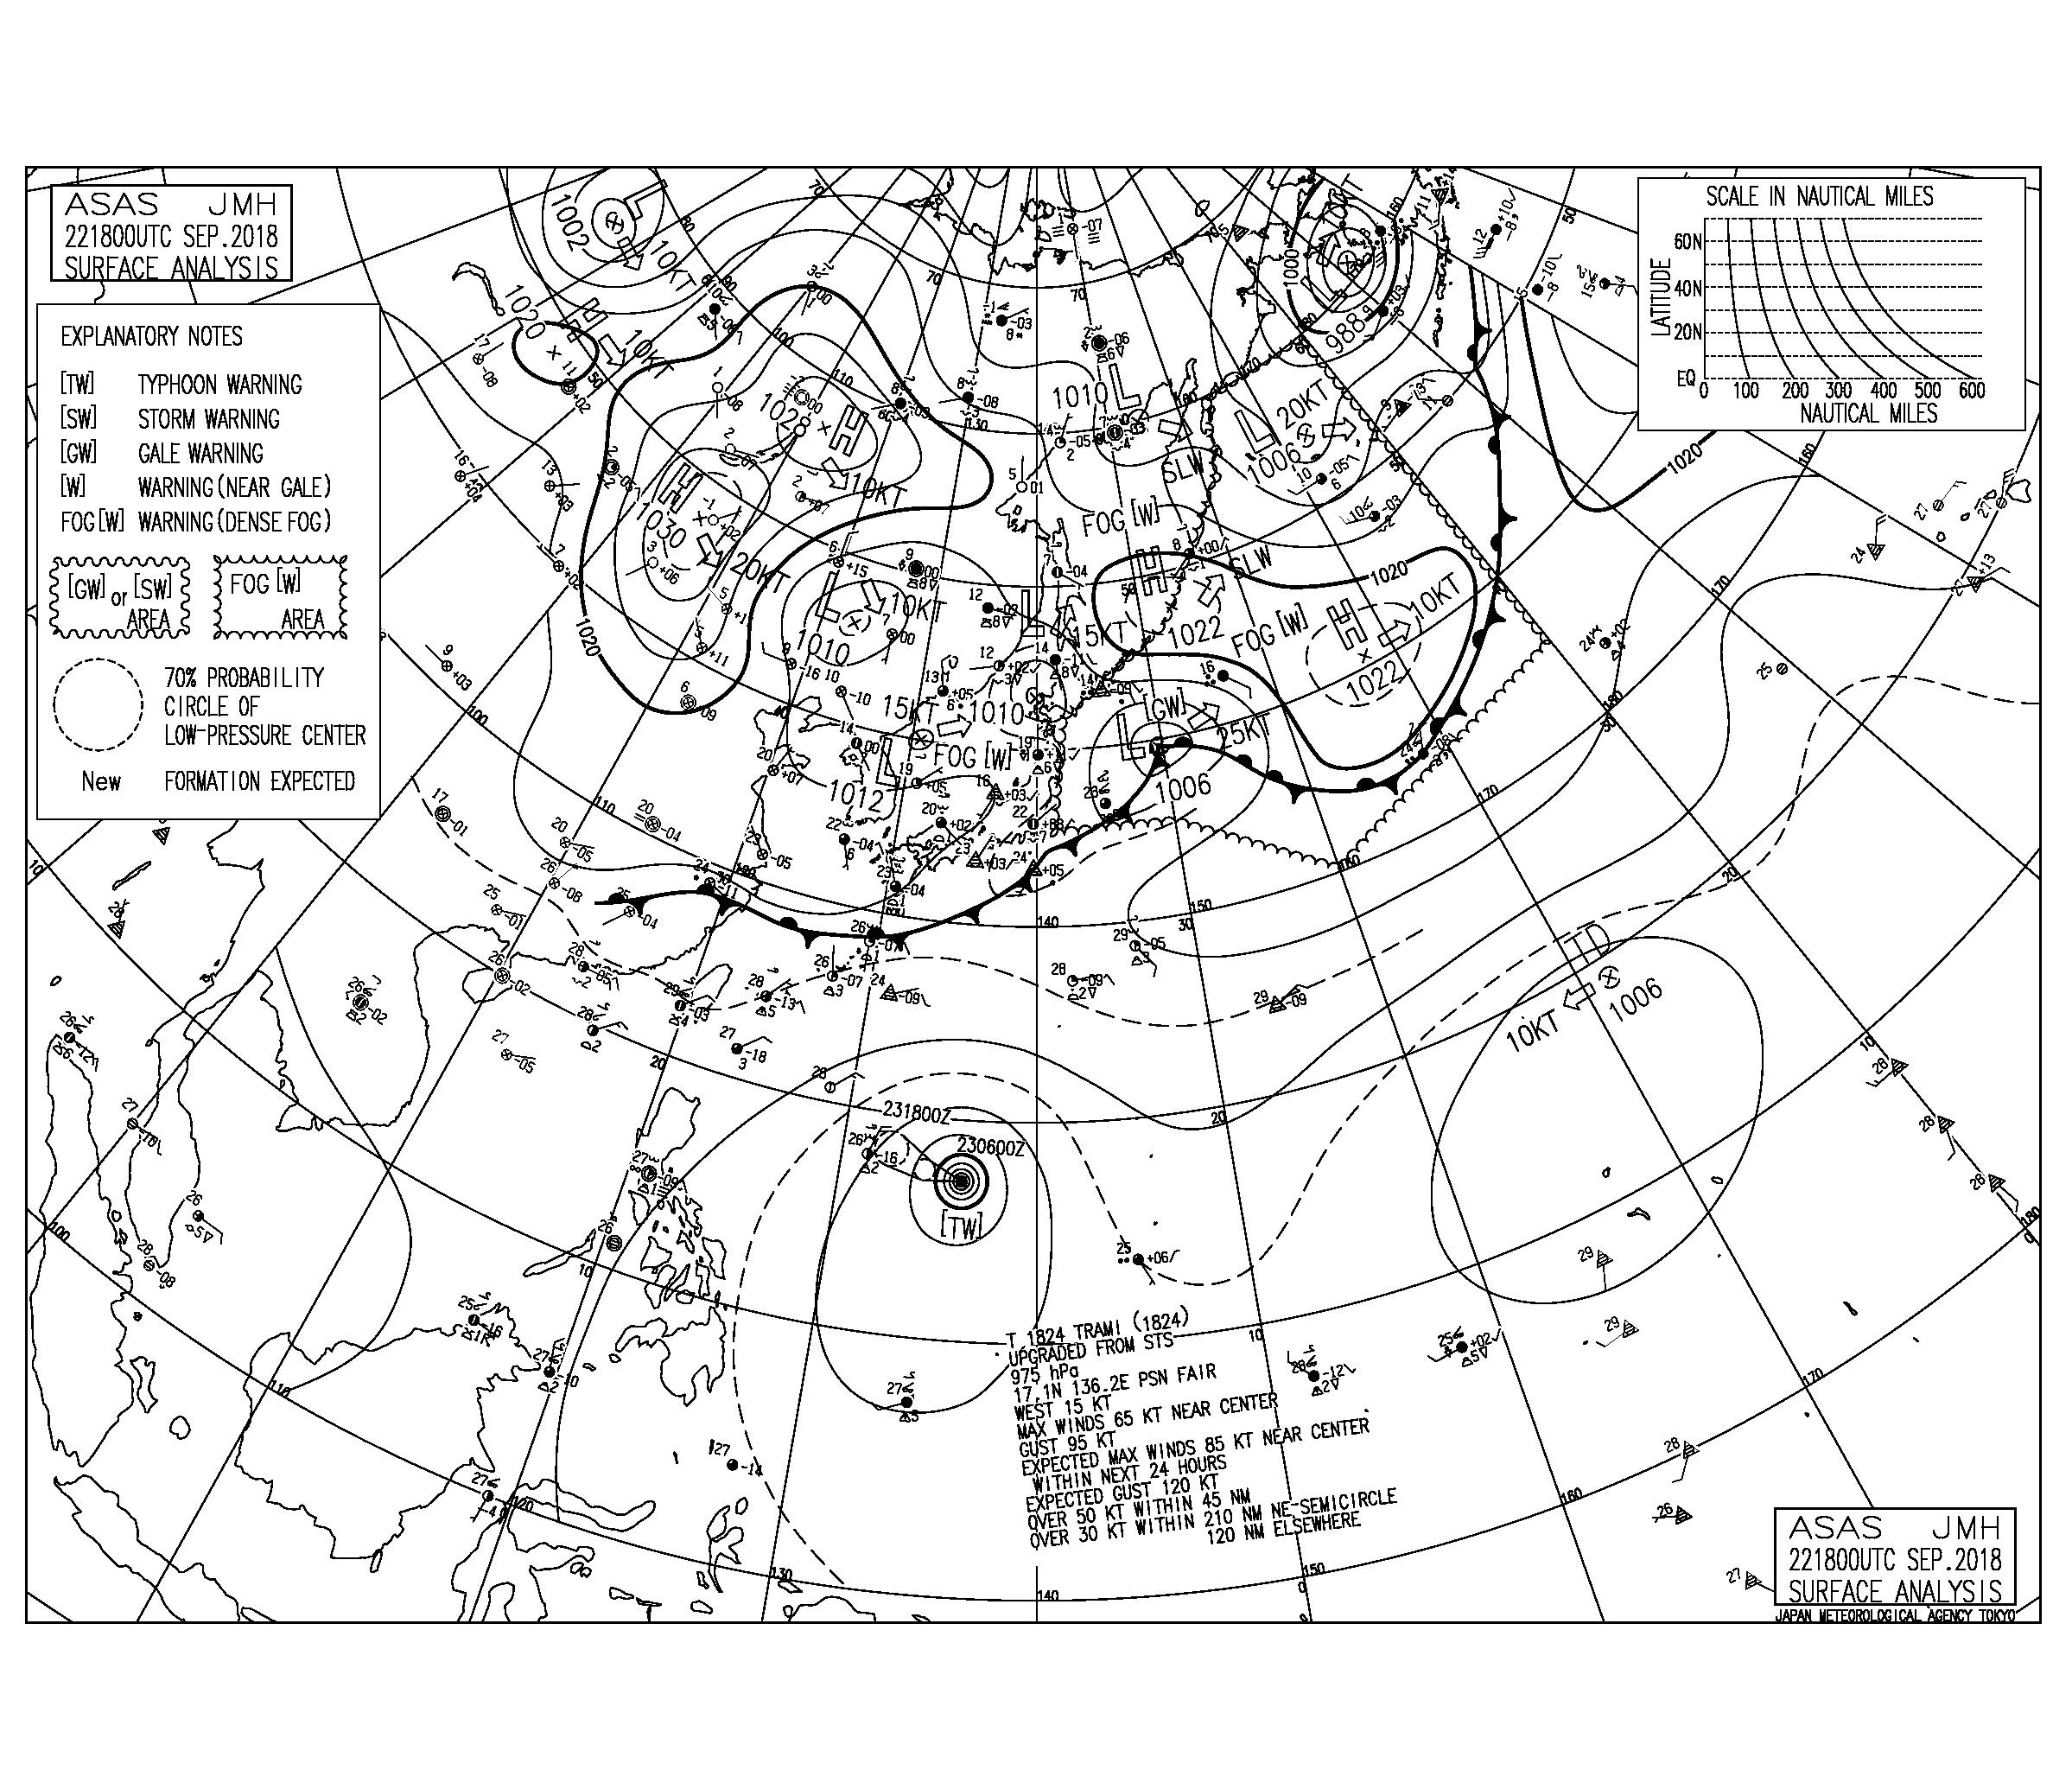 9/23 気圧配置と波情報~東うねりと南西うねりは昨日よりサイズダウン、風をかわしつつ大潮まわりをうまく使いたい